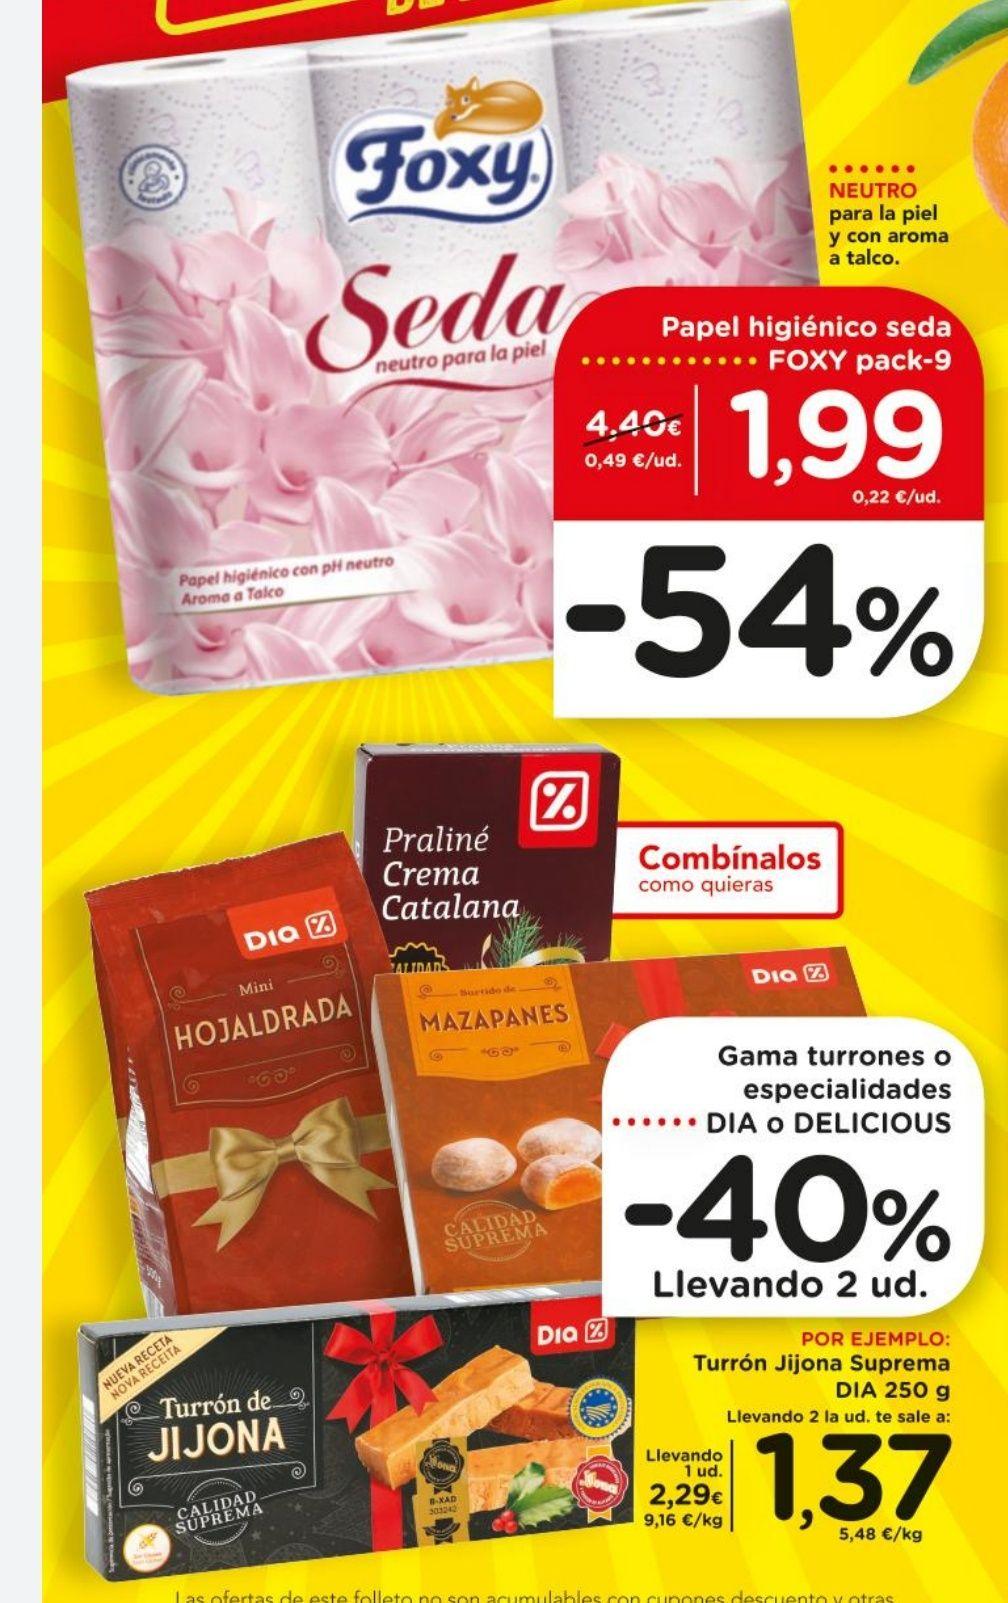 Foxy Seda 9 unidades a 1,99€, 36 lavados de Dixan Polvo por 3,33€ y más ofertones de la semana en la descripción